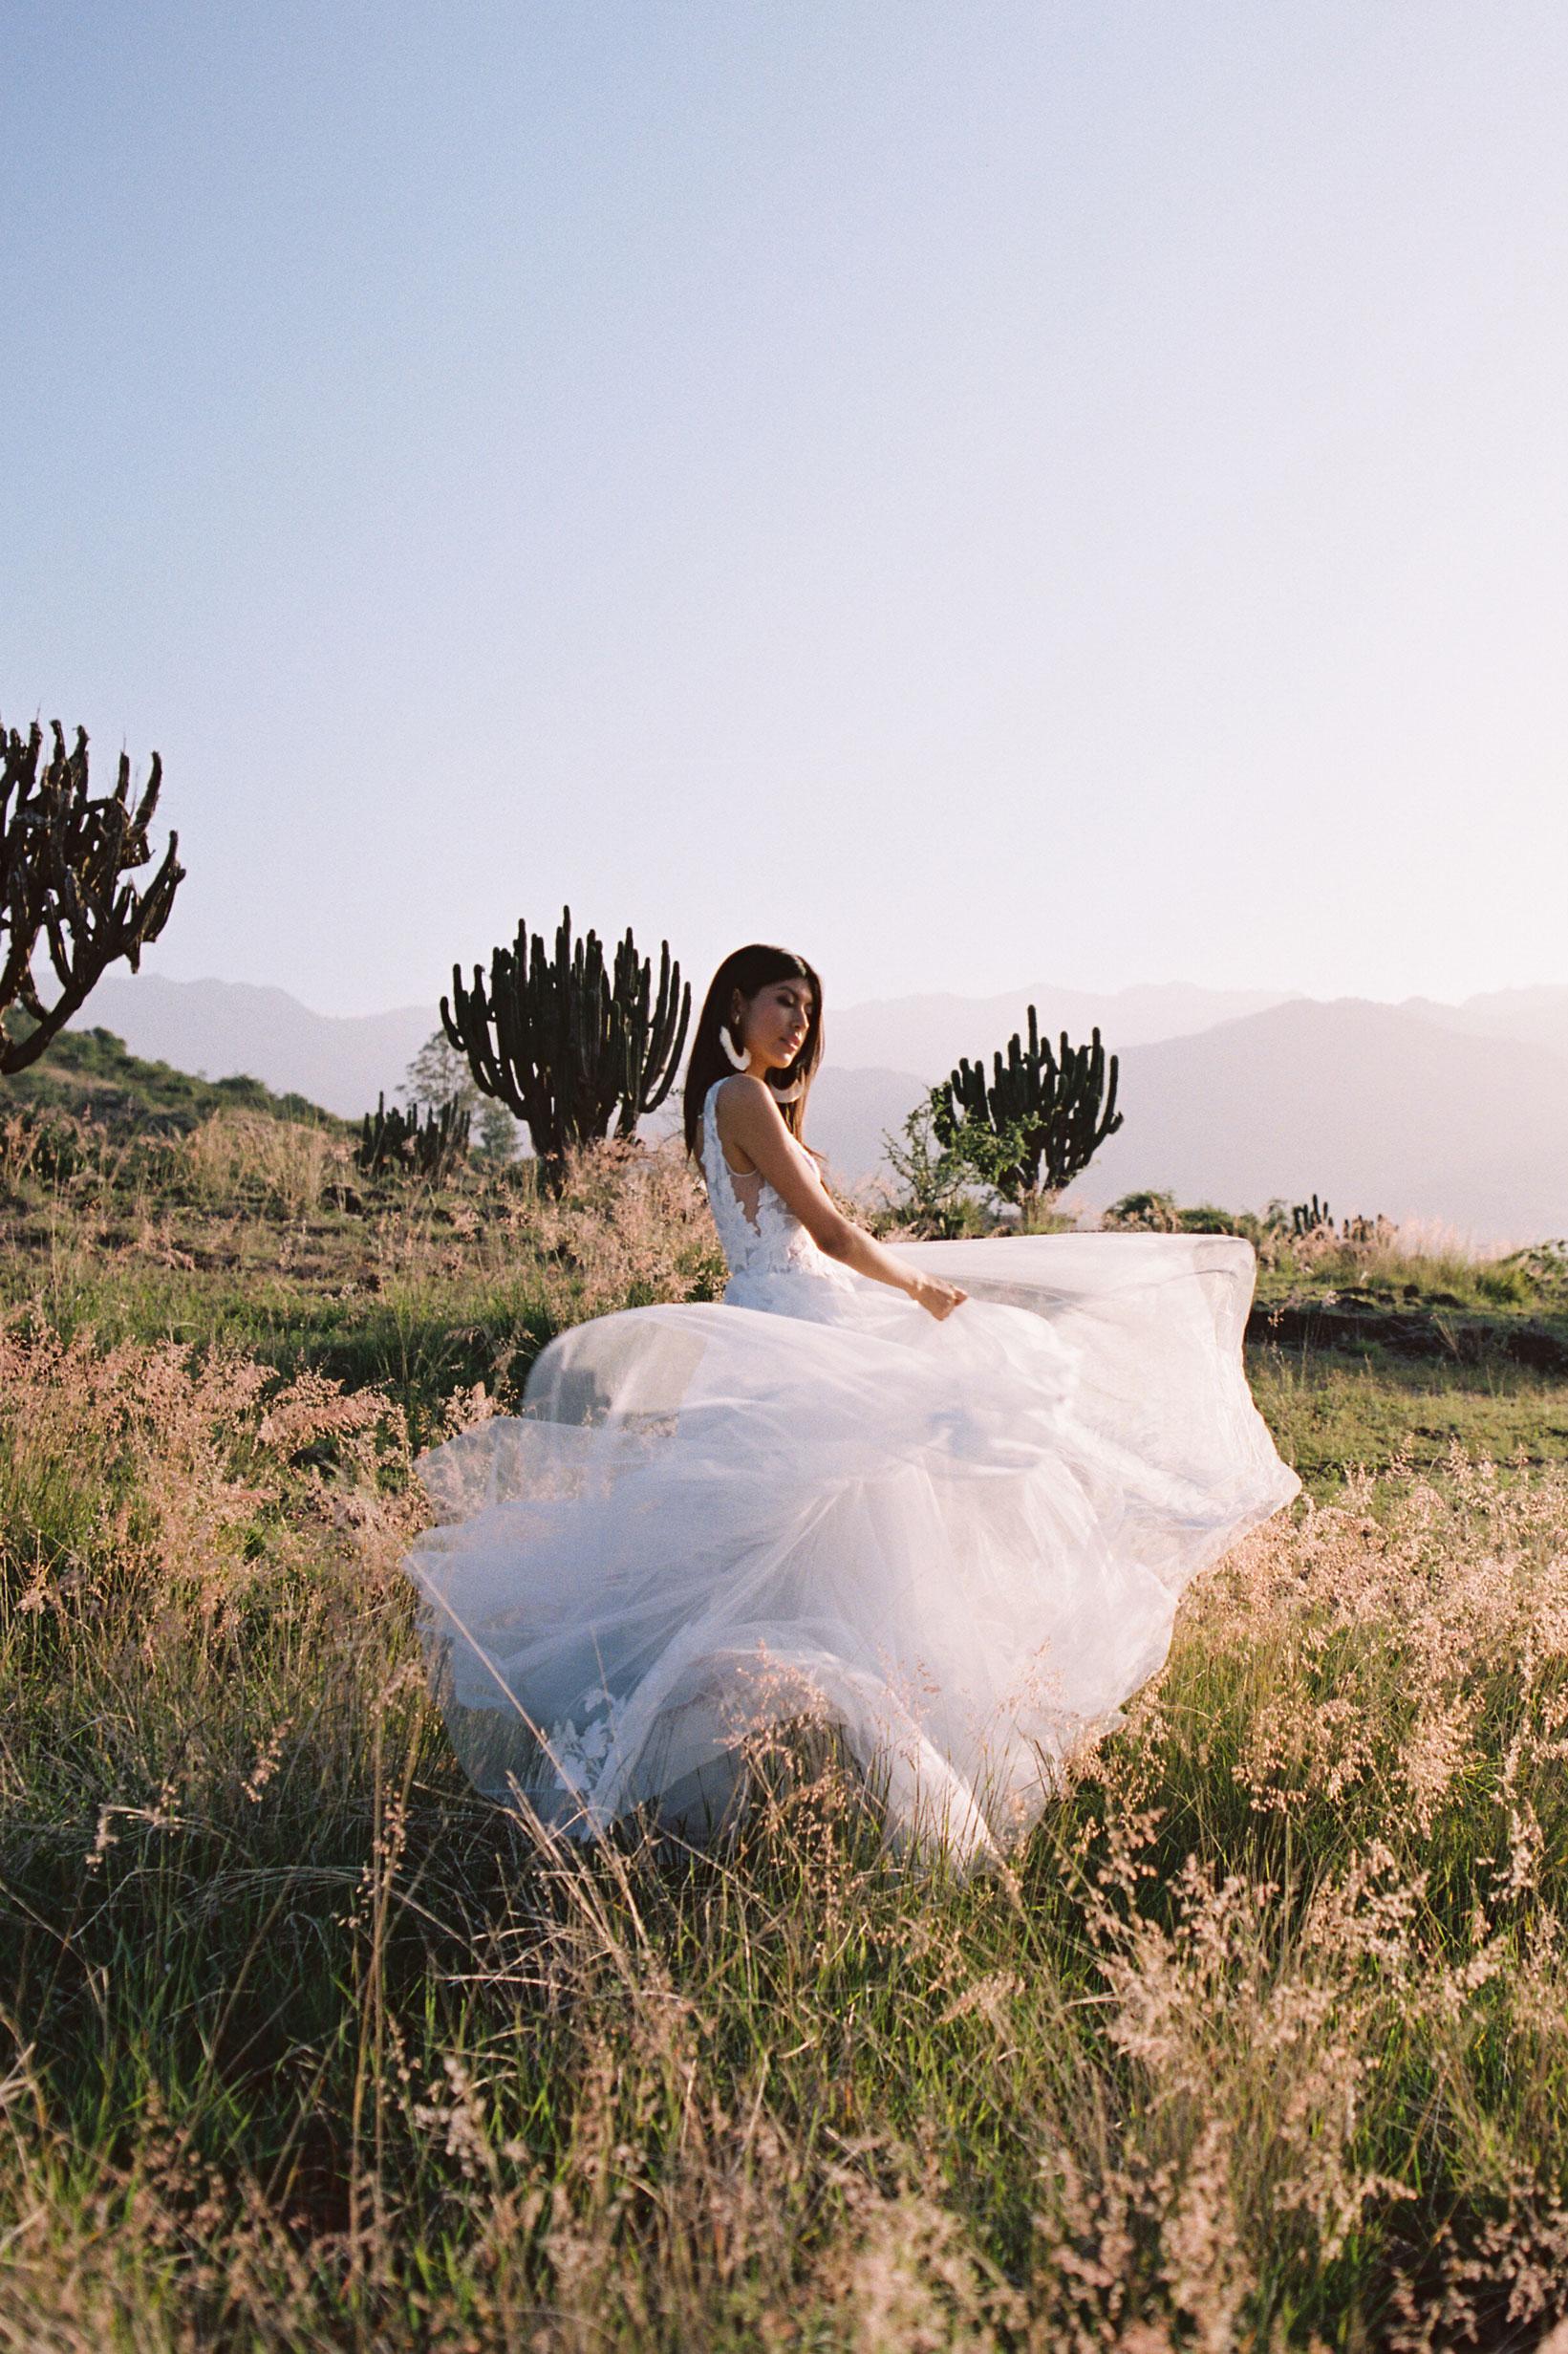 F142 Adara Wilderly Bridal Gown